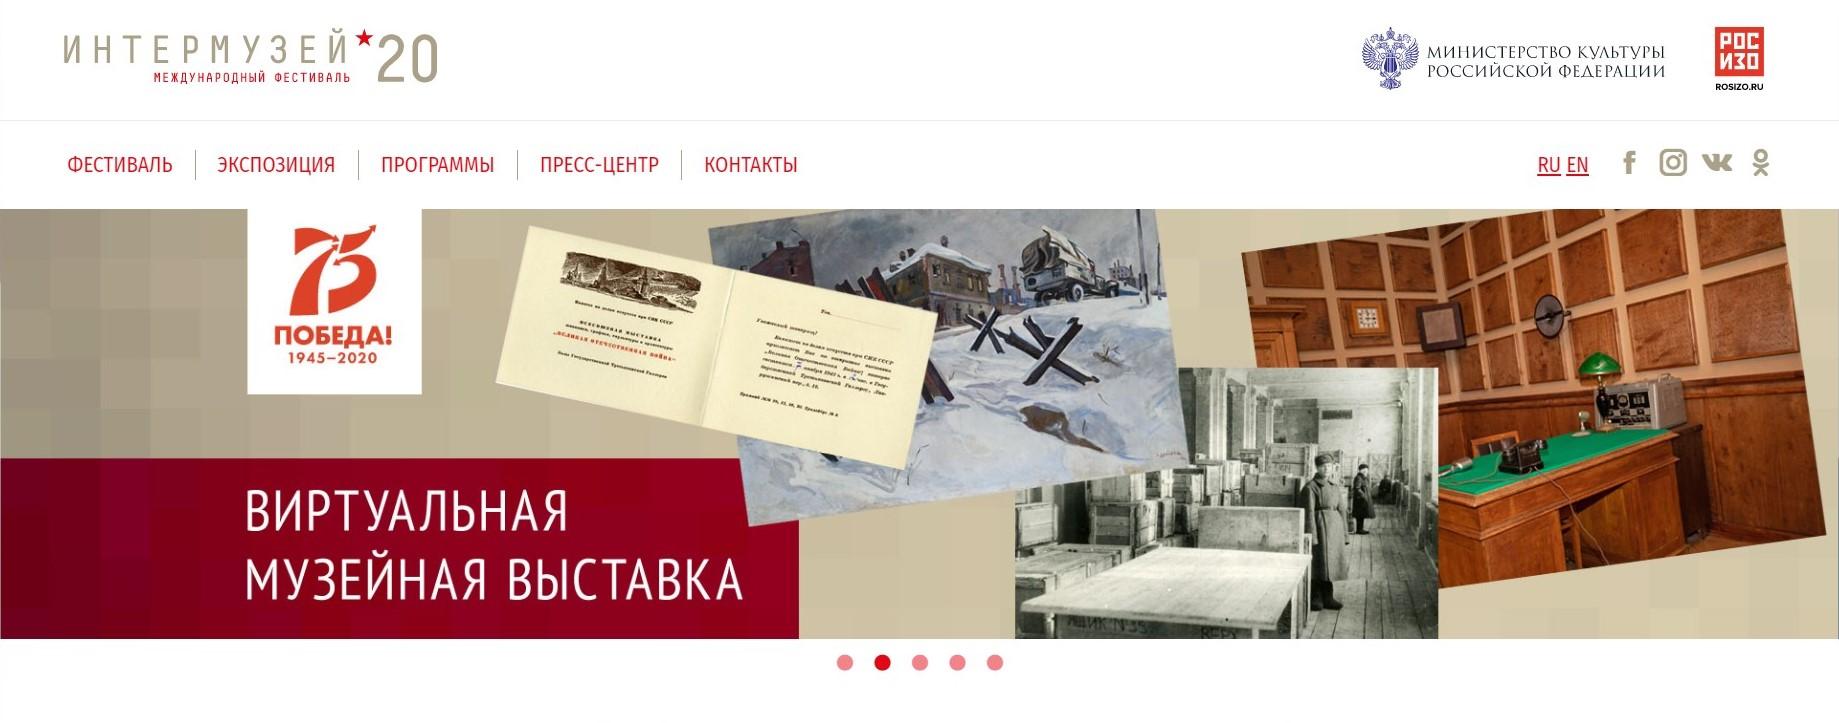 Три музея Нижегородской области представили свои проекты на XXII Международном фестивале «Интермузей – 2020»